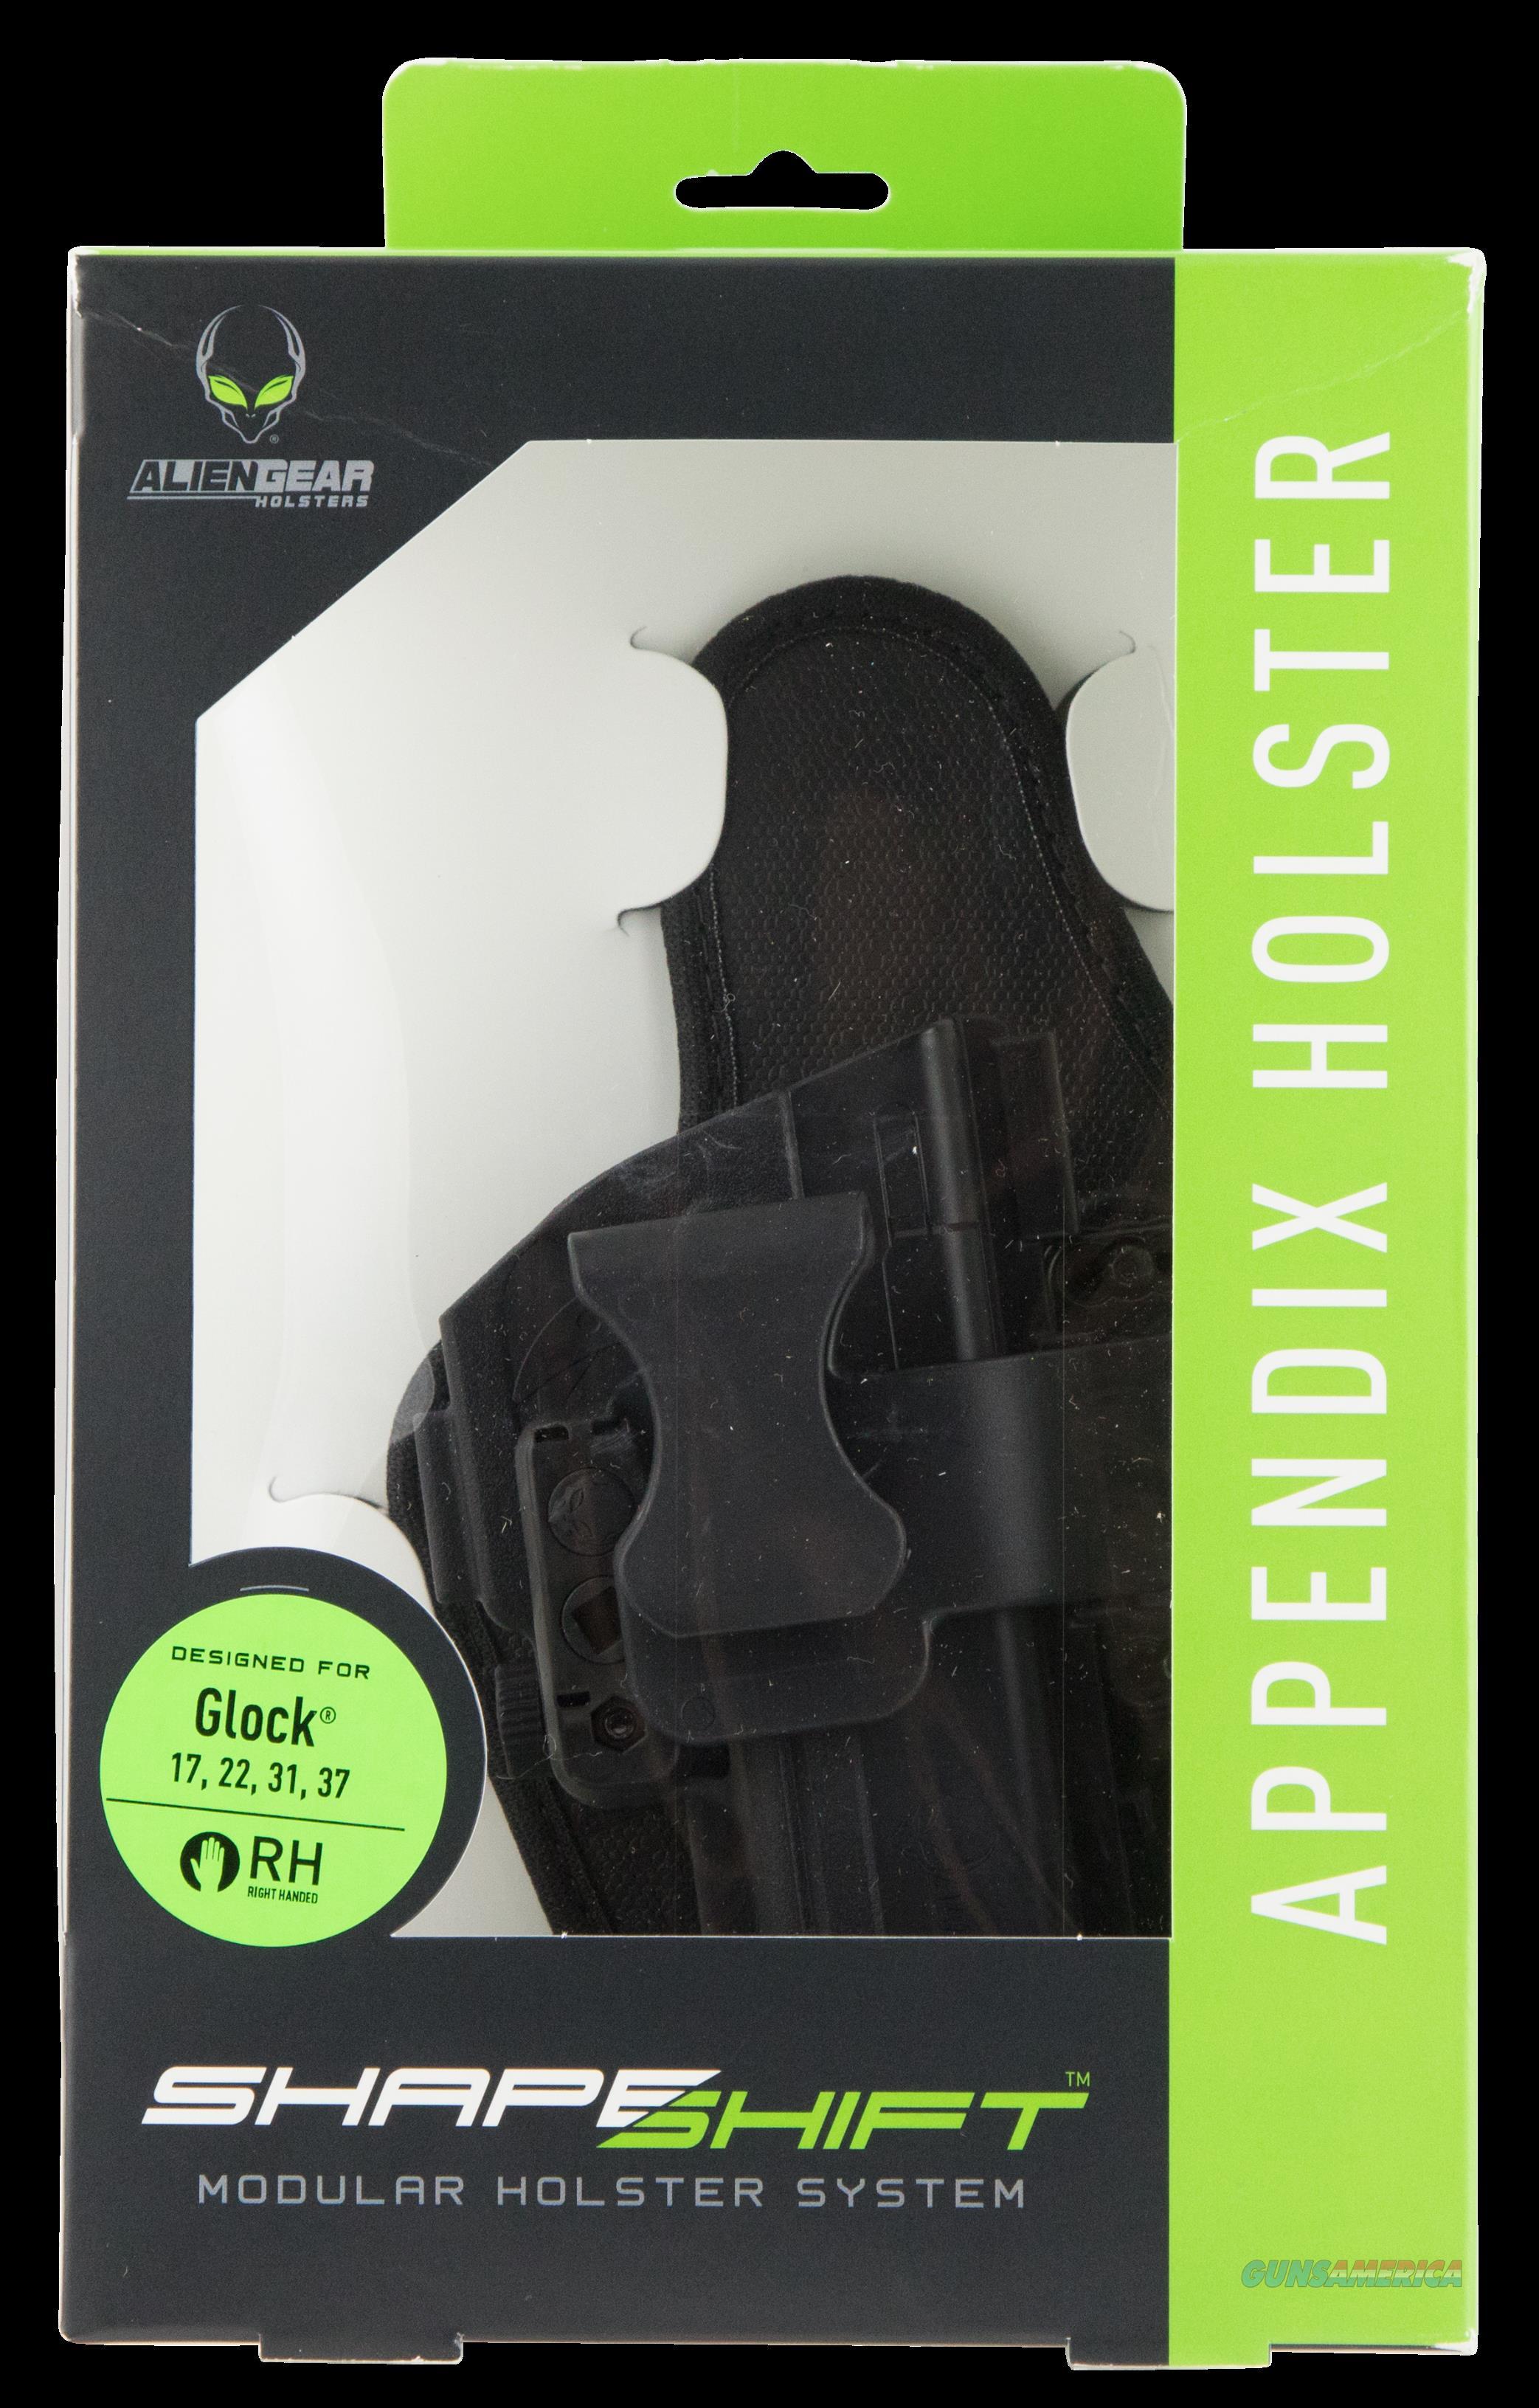 Alien Gear Holsters Shapeshift, Agh Ssap-0194-rh      Shape Shift Appendix Xdm 3.8  Guns > Pistols > 1911 Pistol Copies (non-Colt)